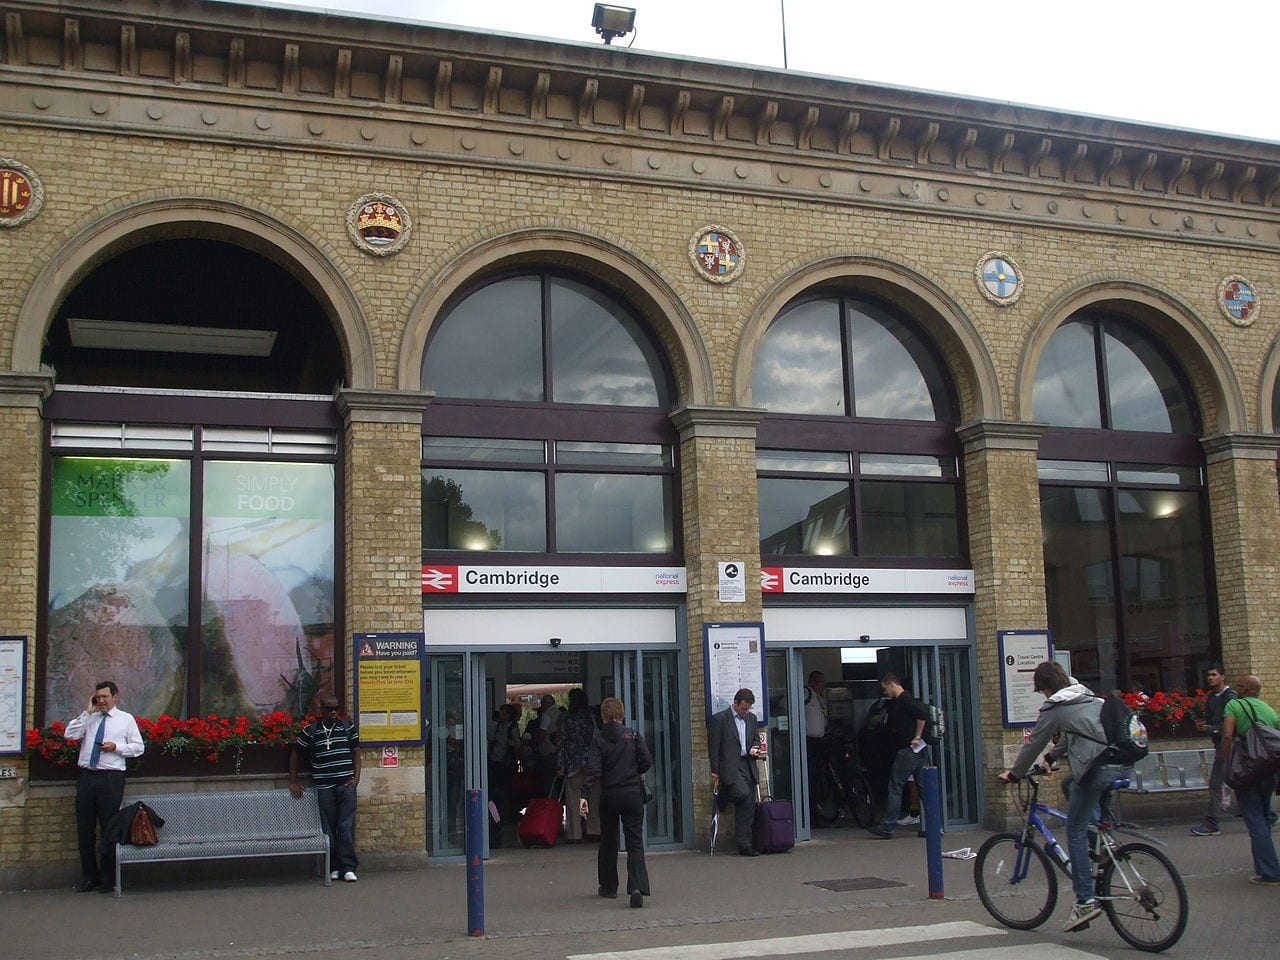 Cambridge Station estudiar en la universidad cambridge